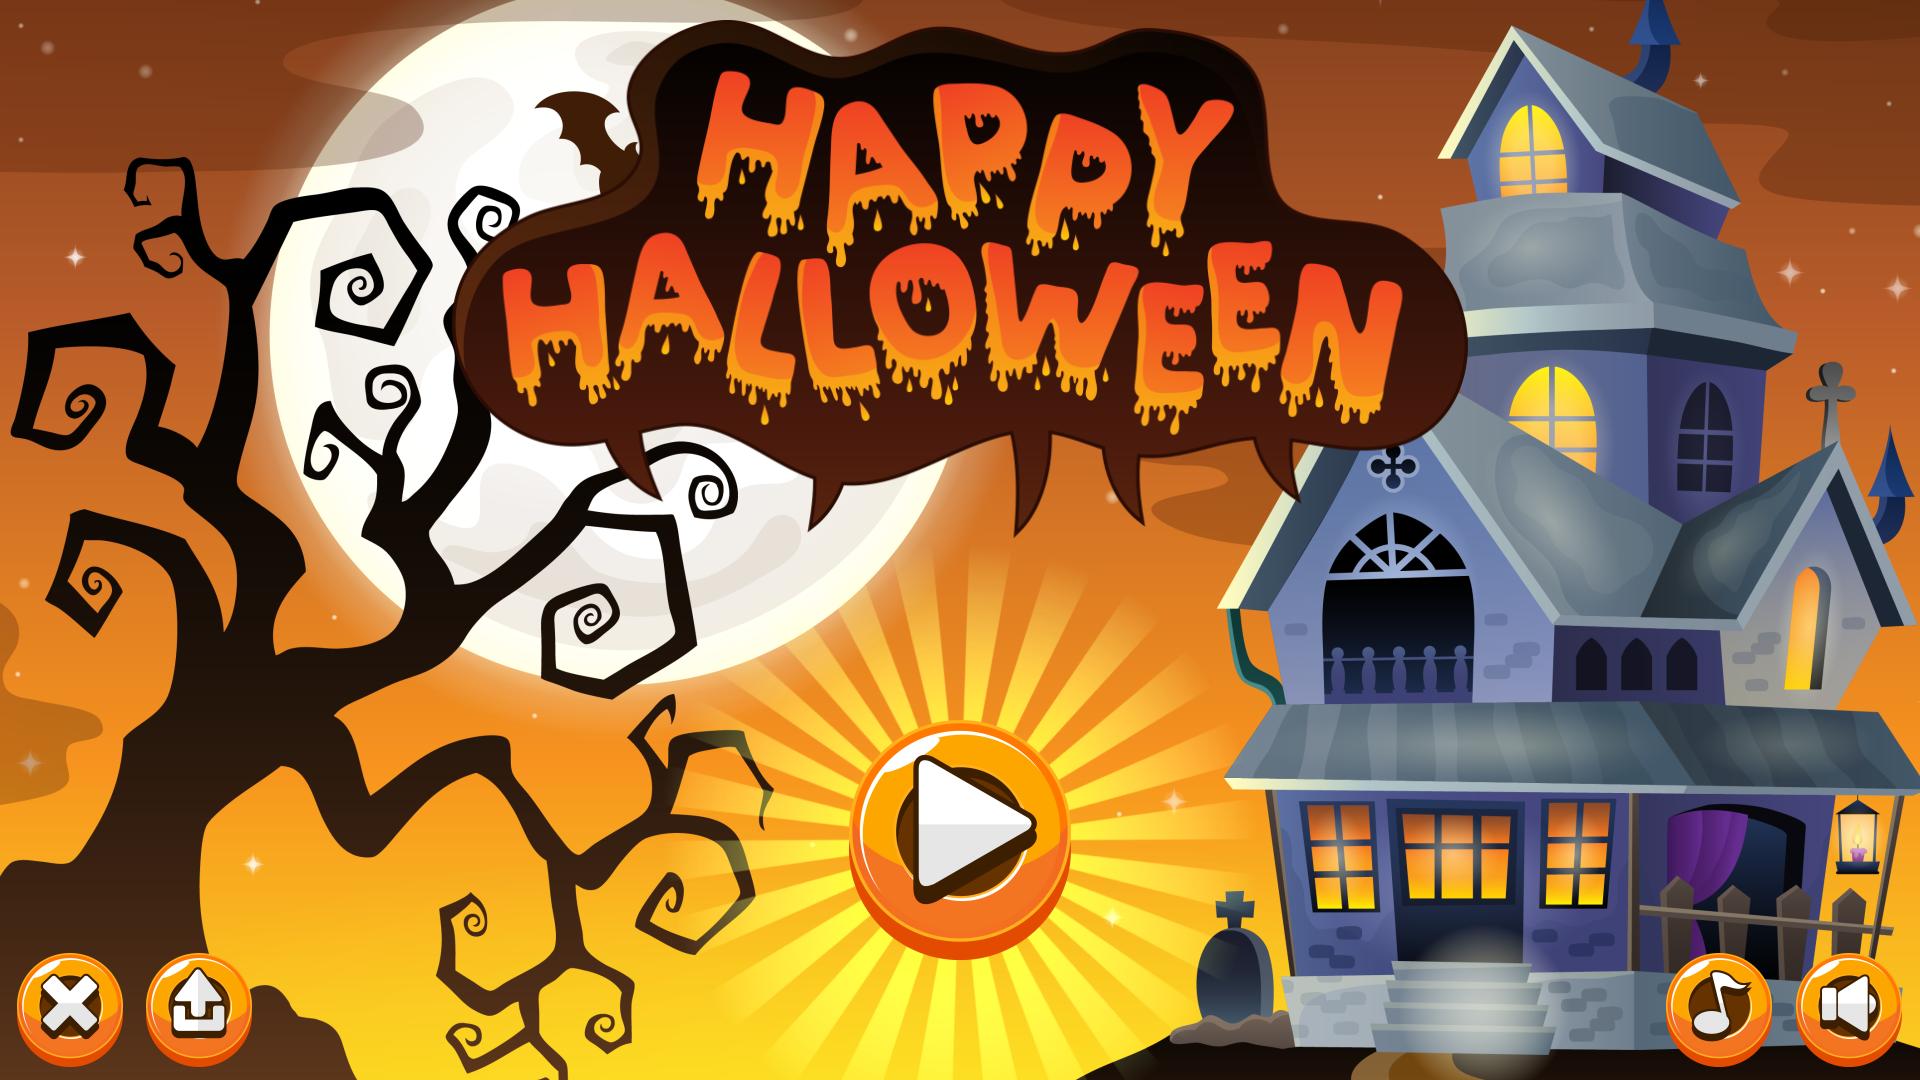 Happy Halloween Games Online